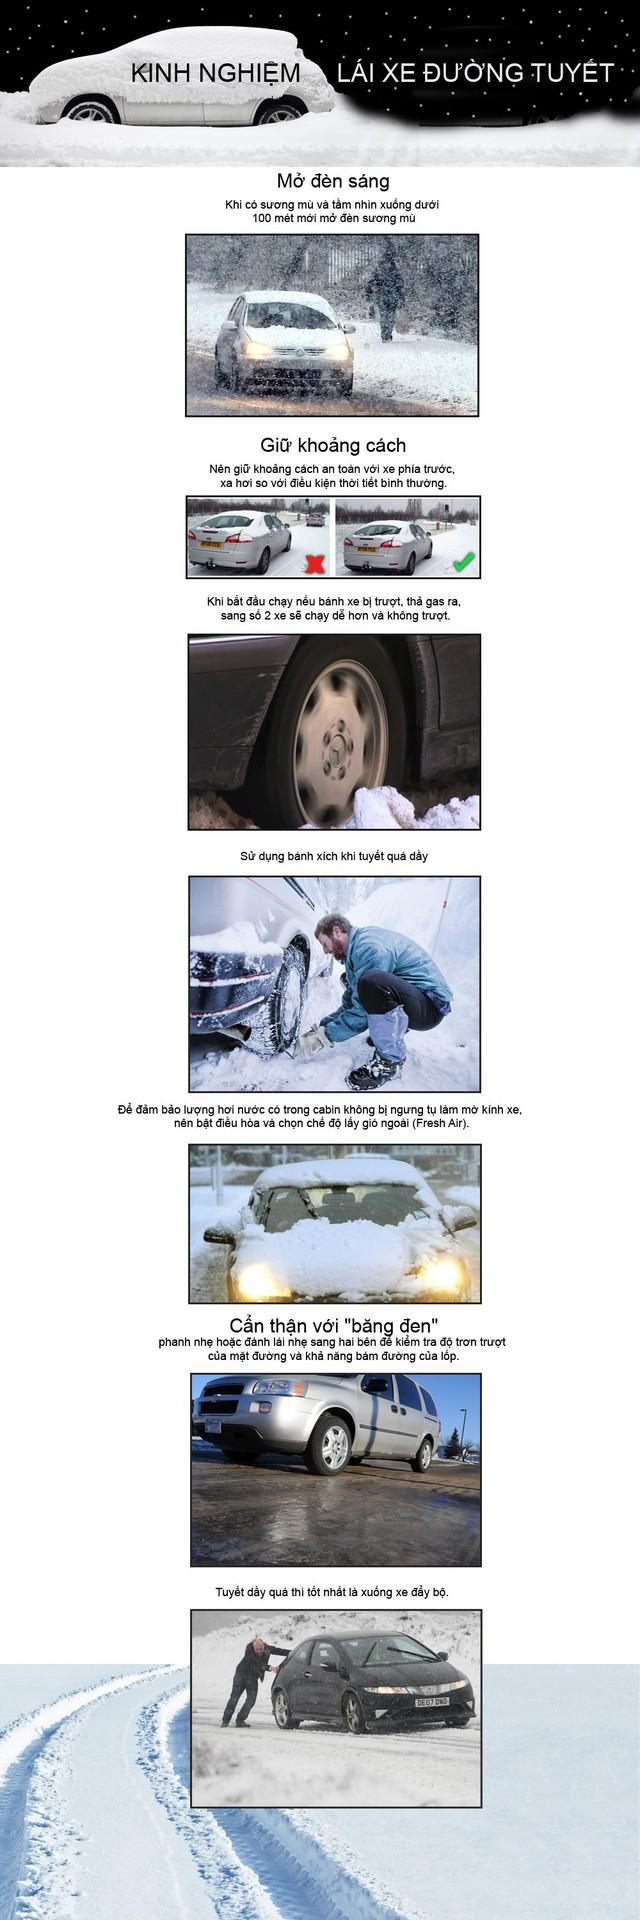 Lưu ý khi lái xe trên đường có tuyết.